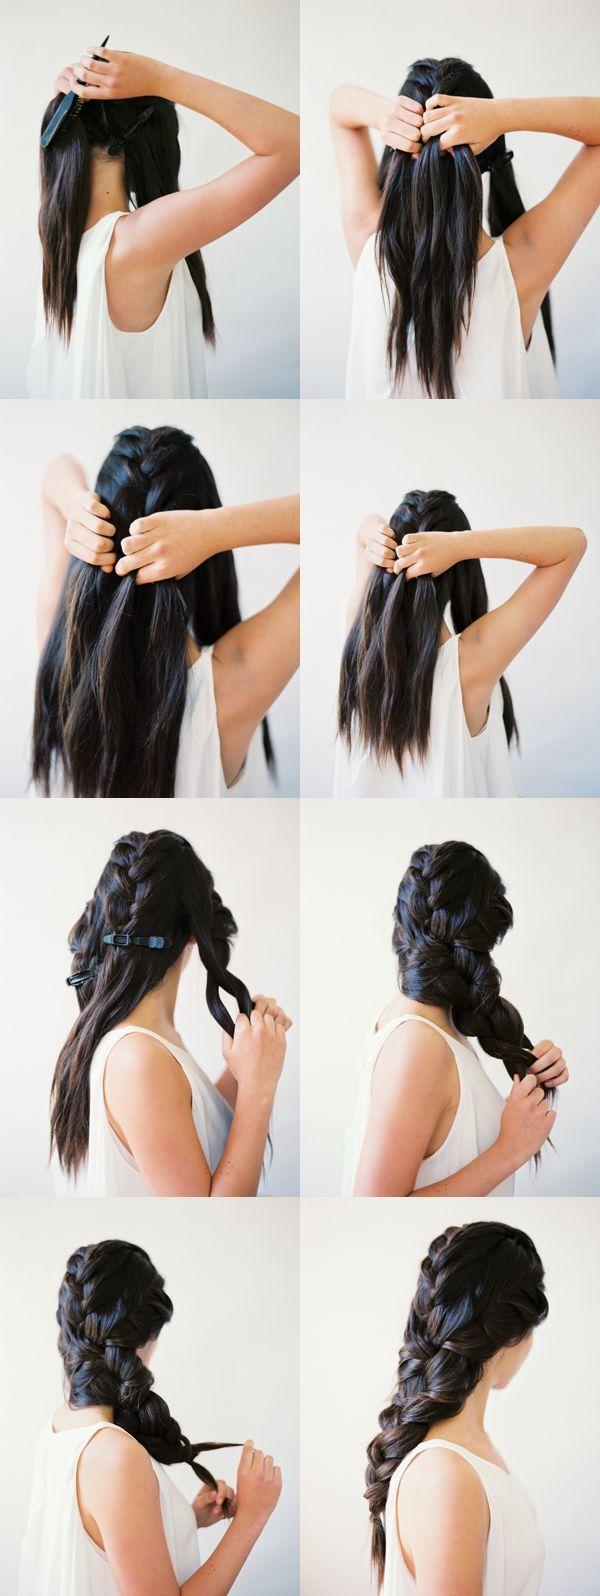 Прически своими руками на длинный волос в домашних условиях 1